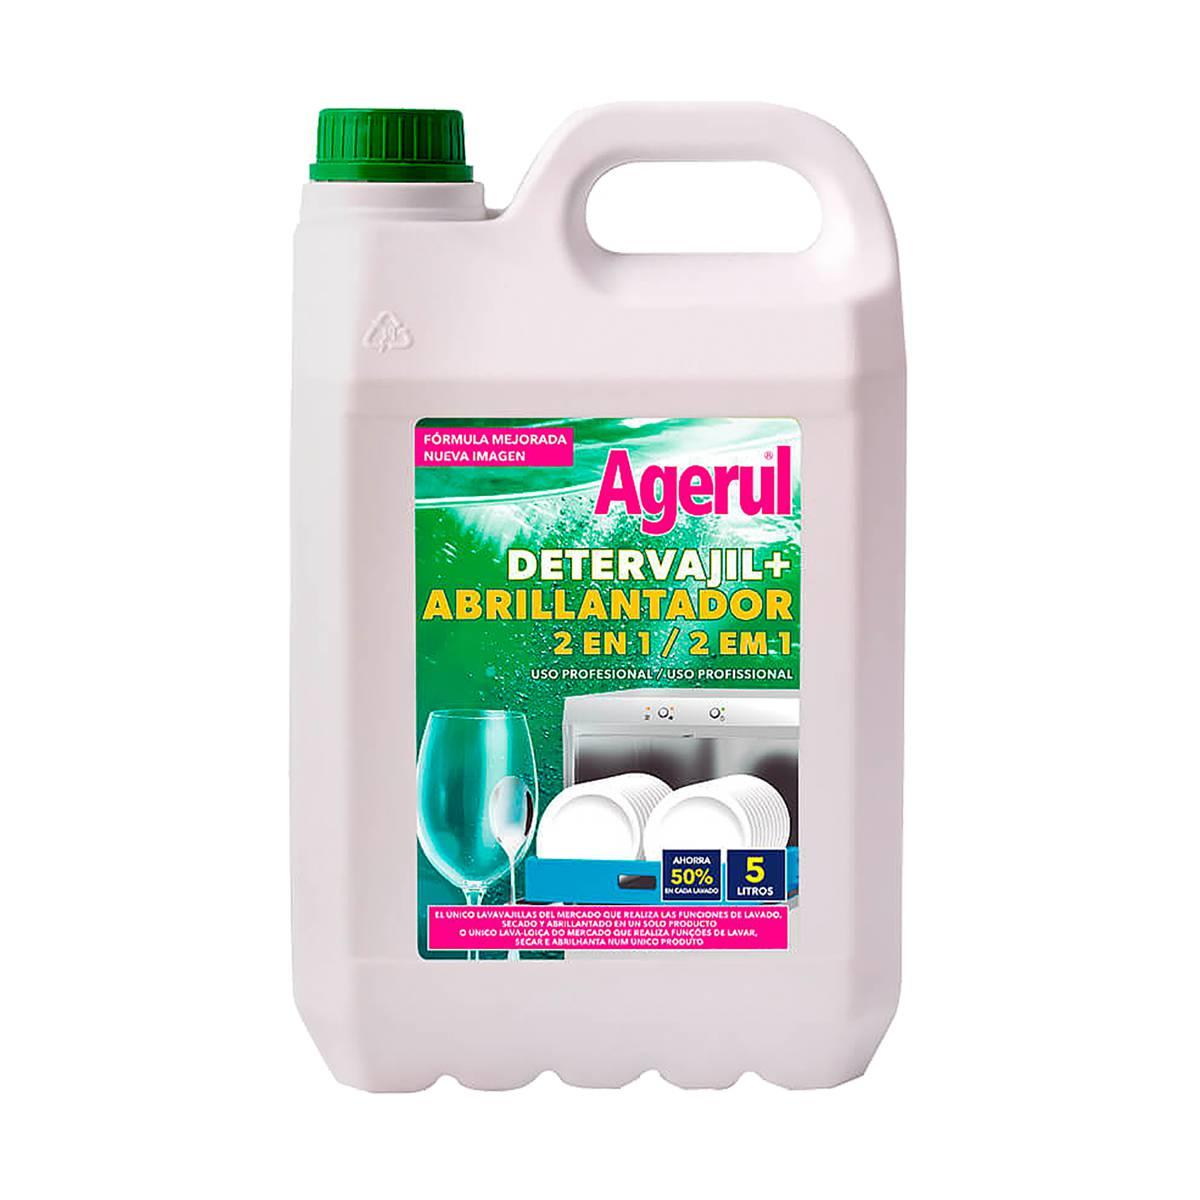 Detergente e Abrilhantador para máquina de loiça Agerul 5lt